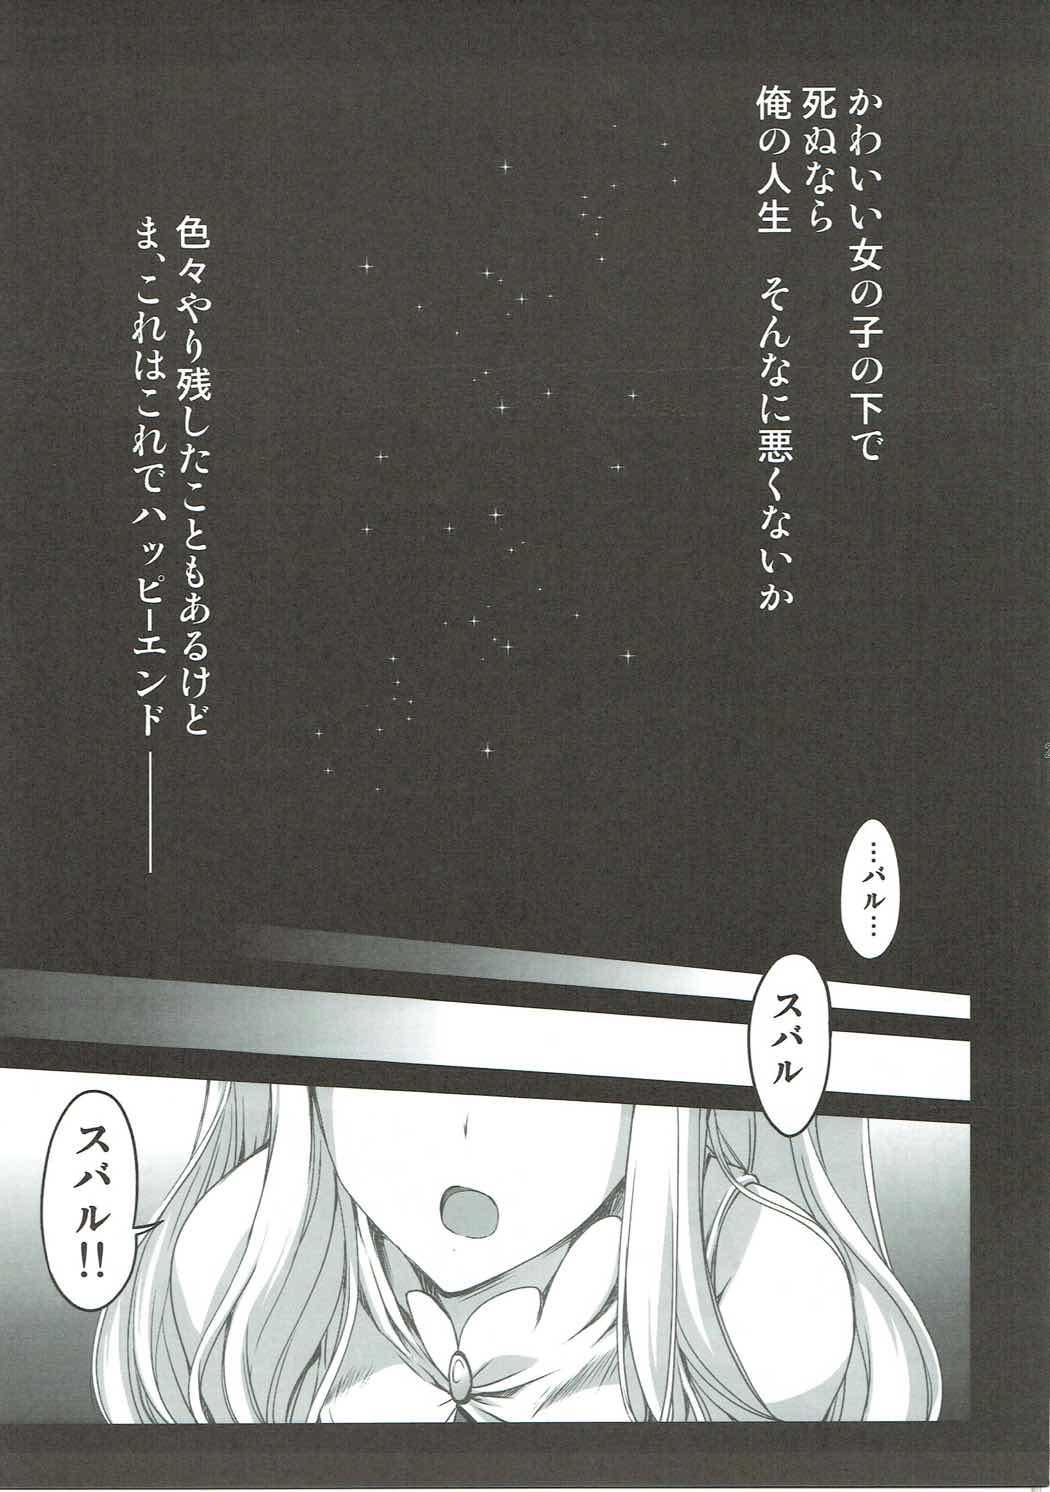 【リゼロ エロ漫画・エロ同人】エミリアとの初めてのセックスを楽しみたいのに手コキで邪魔されて何度も発射することにwwwww (26)